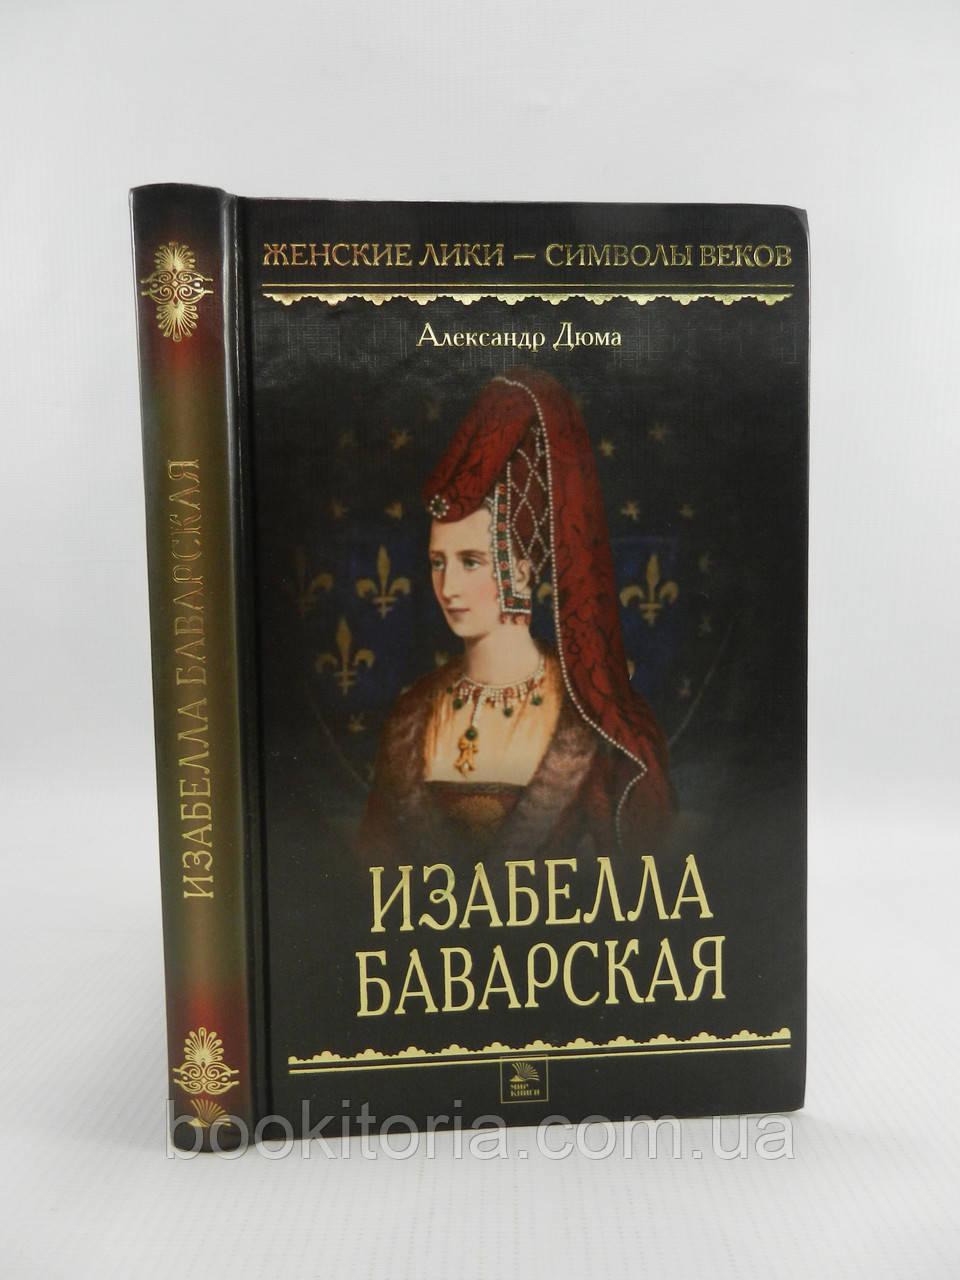 Дюма А. Изабелла Баварская (б/у).